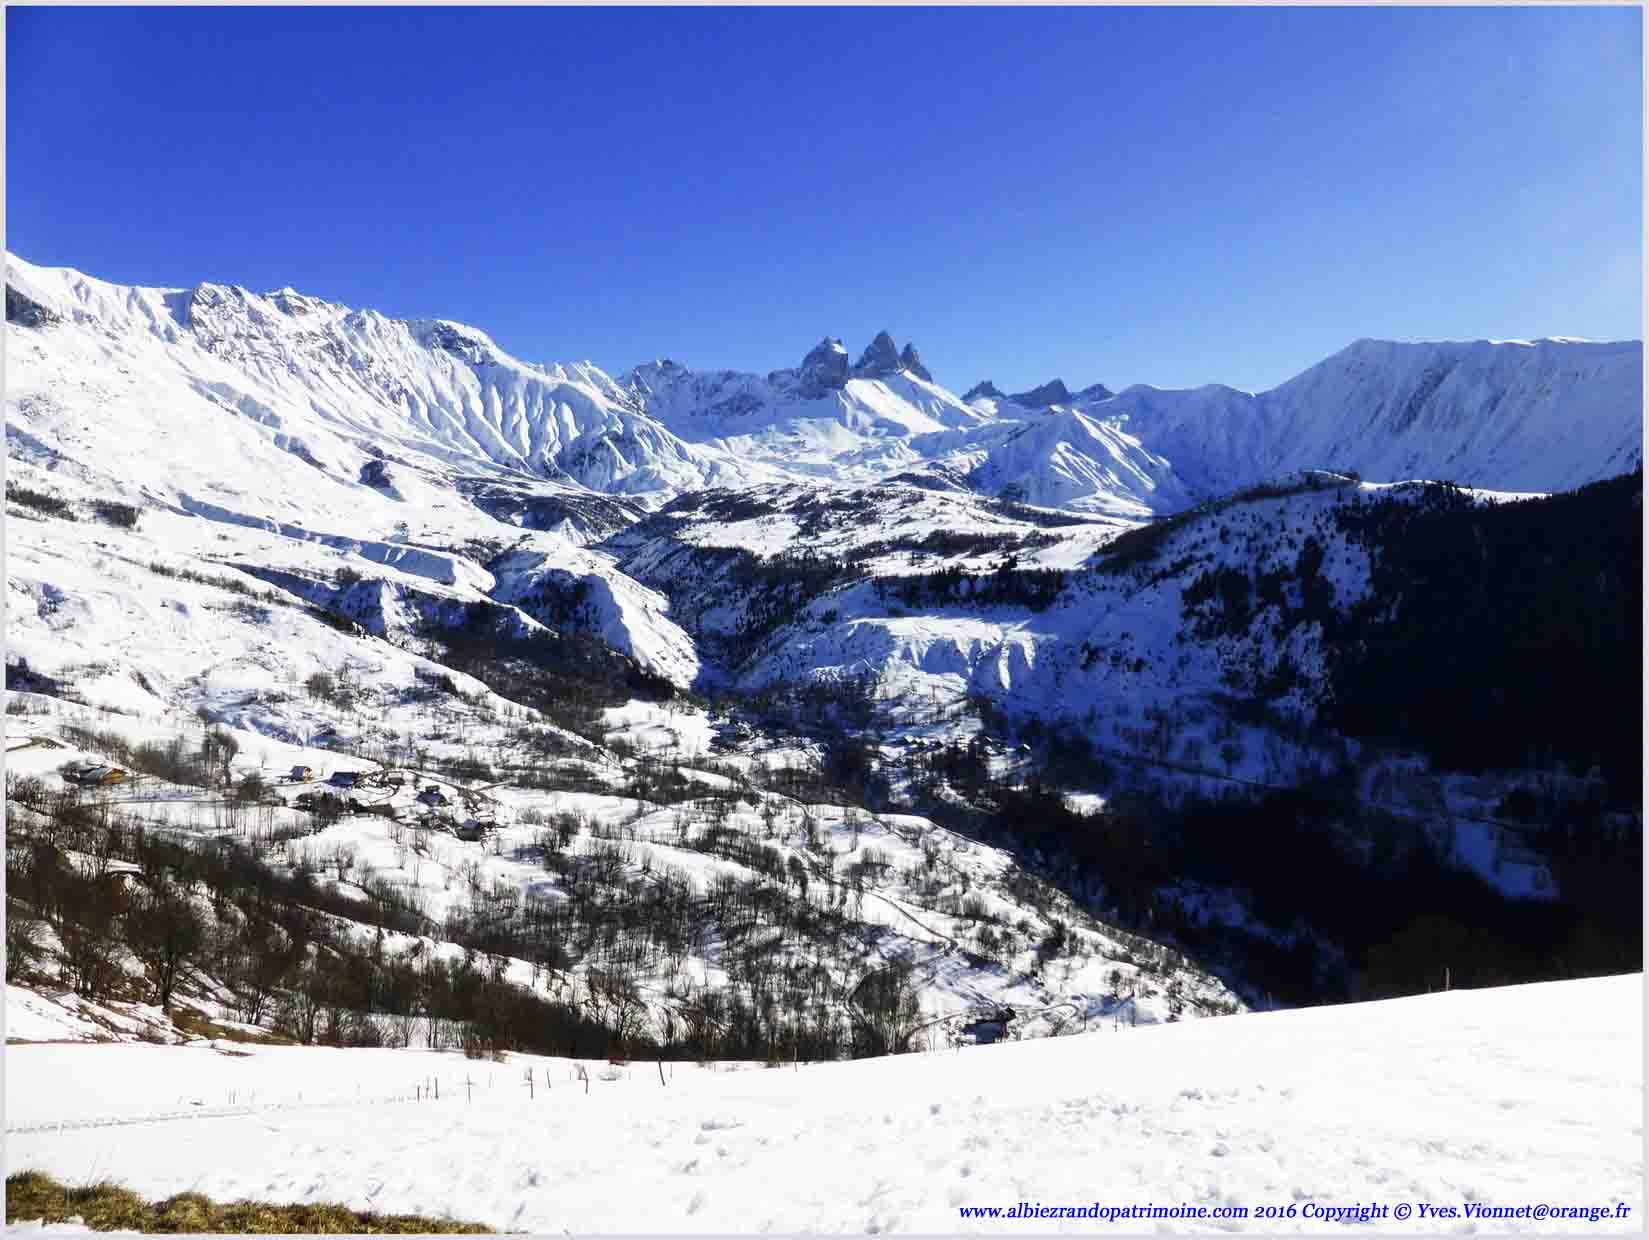 Une partie du panorama d'Albiez